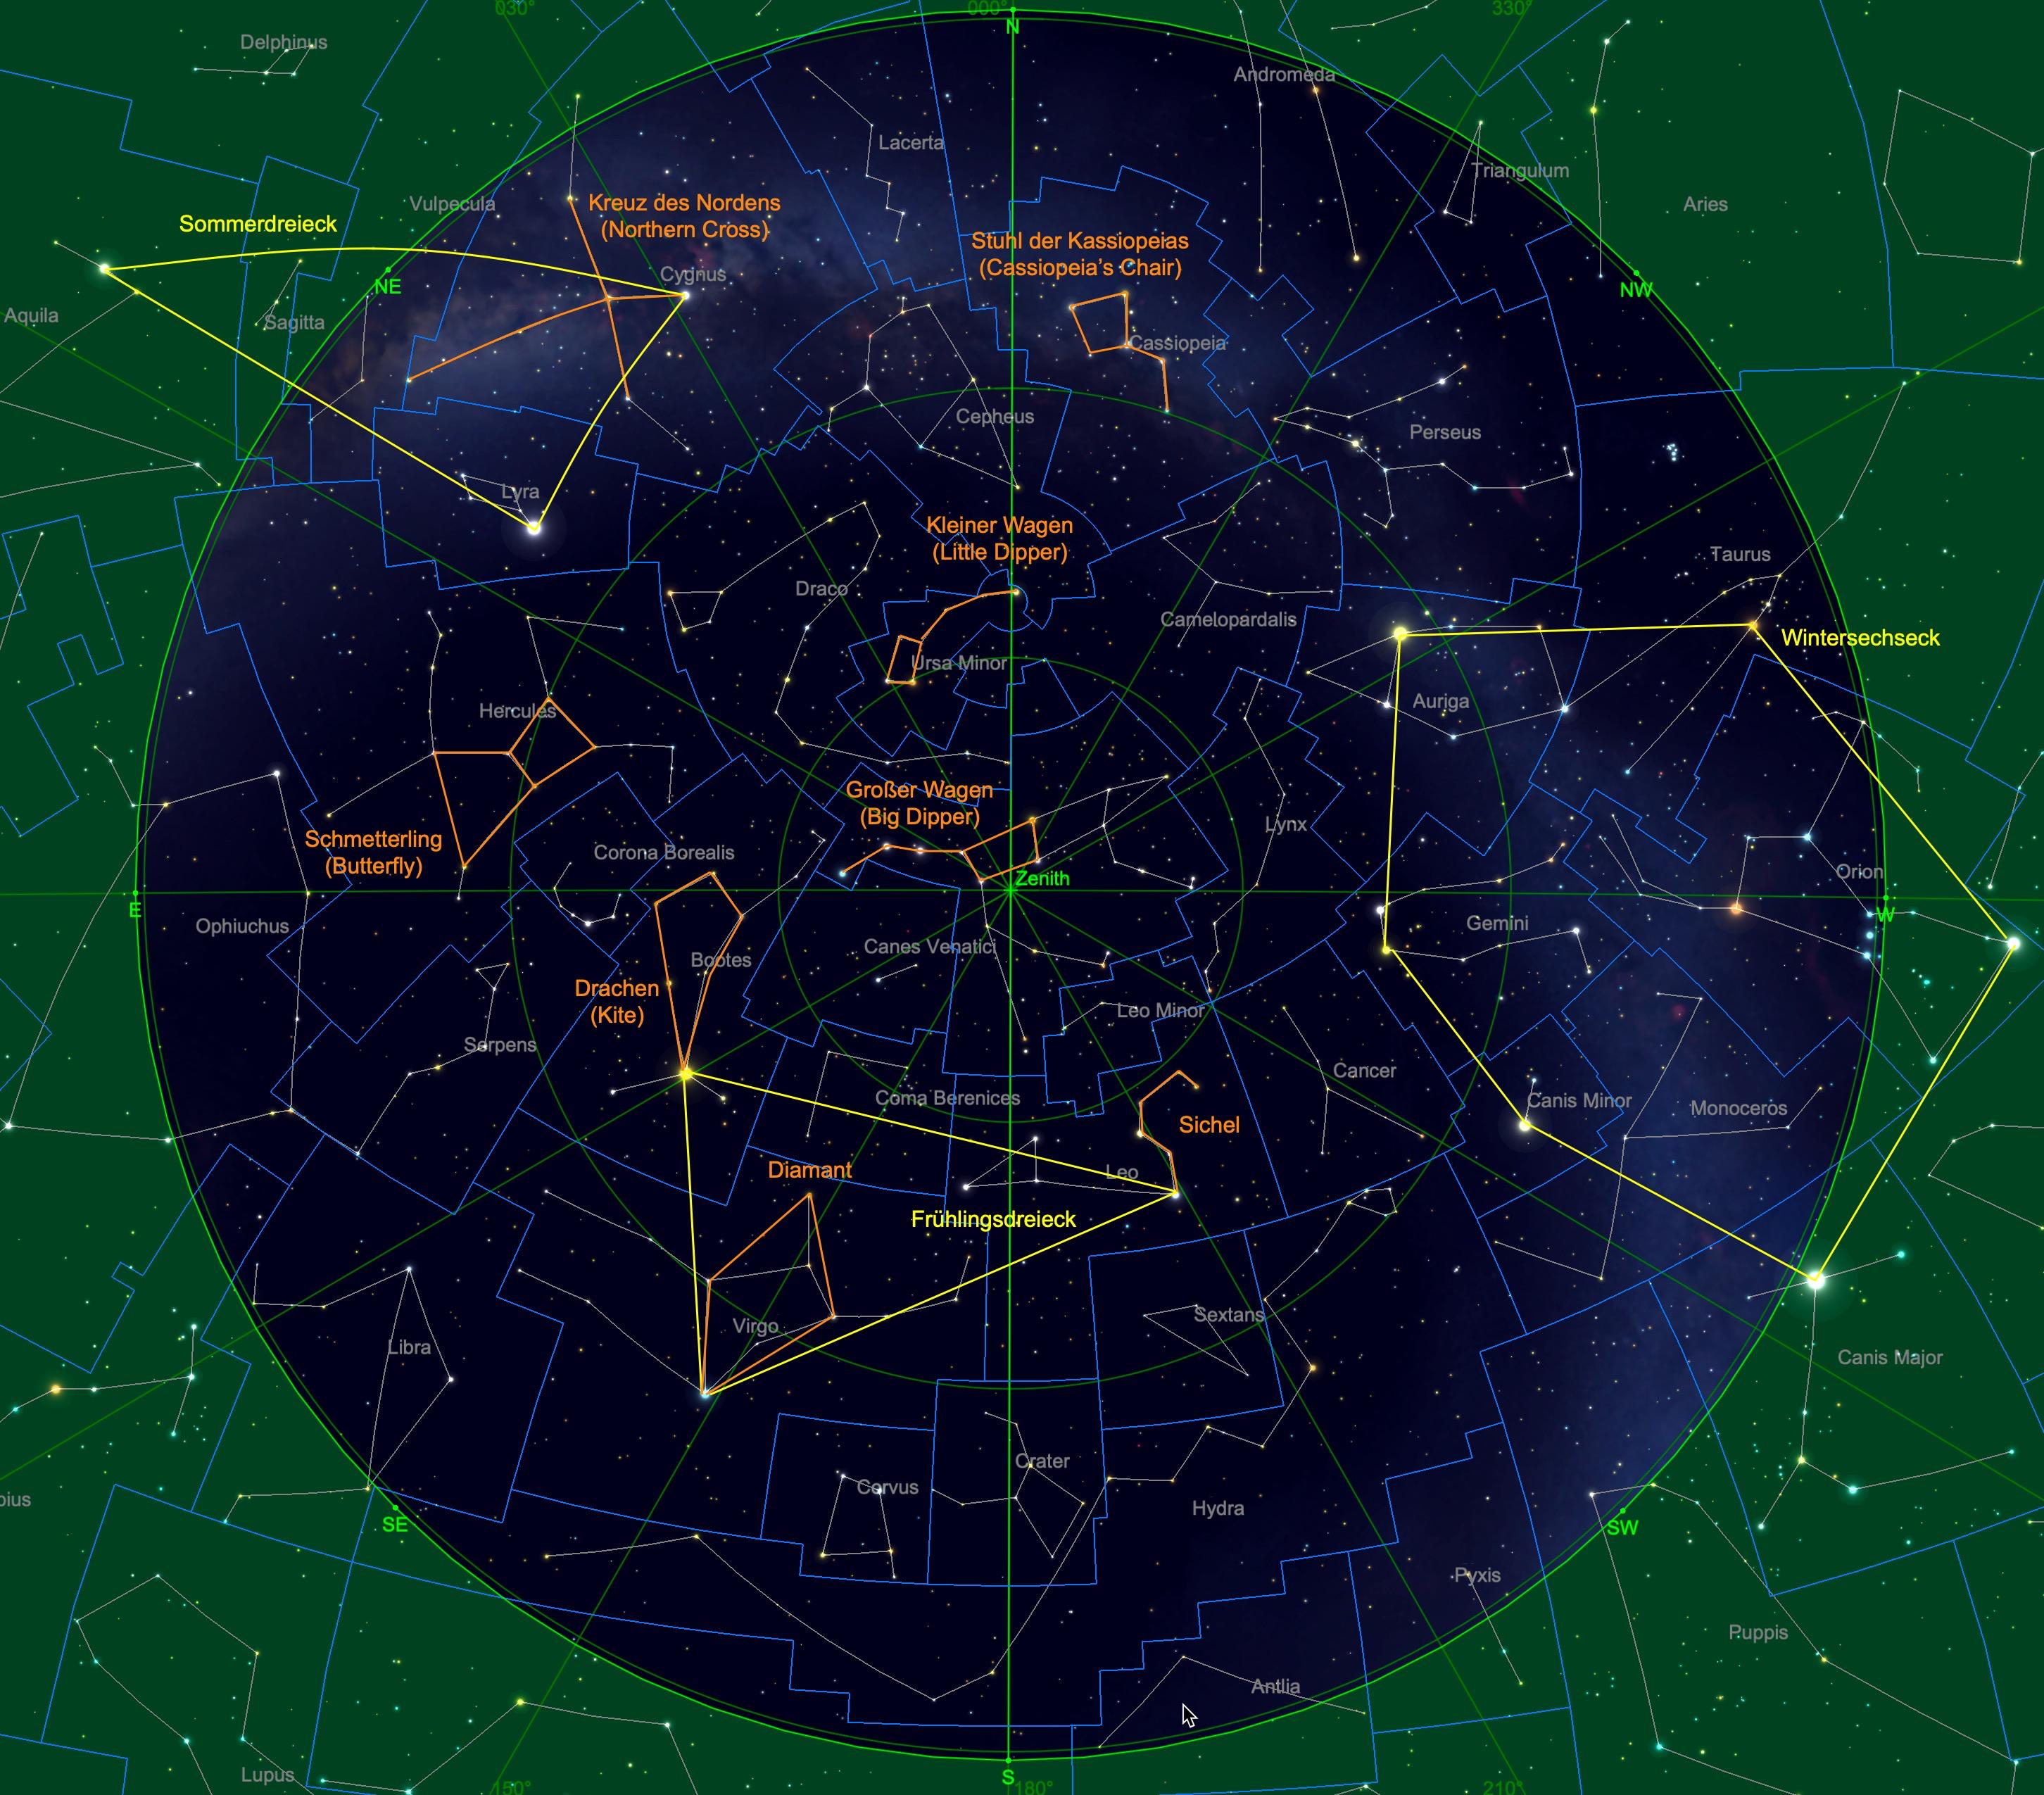 Sternhimmel am 15.04., 23:00 Uhr